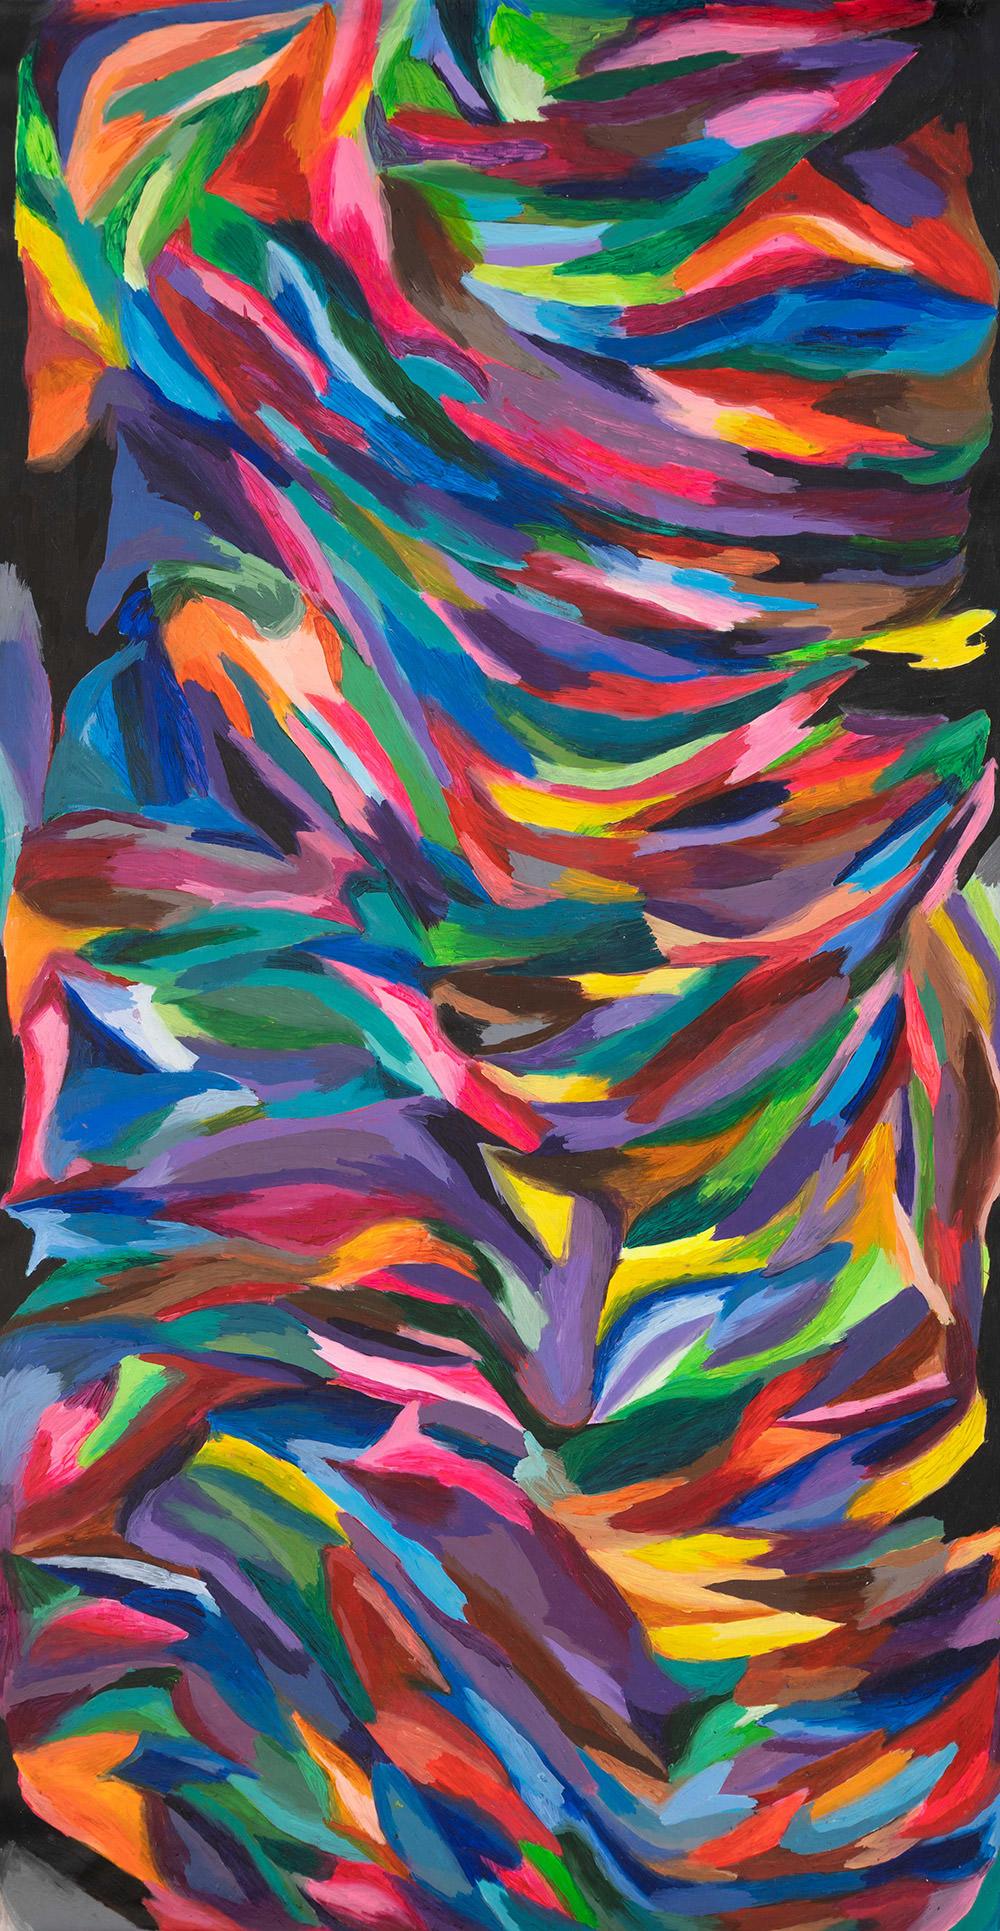 Linee in equilibrio 2020 - Colori acrilici su tela cm 215x108 (al vivo)